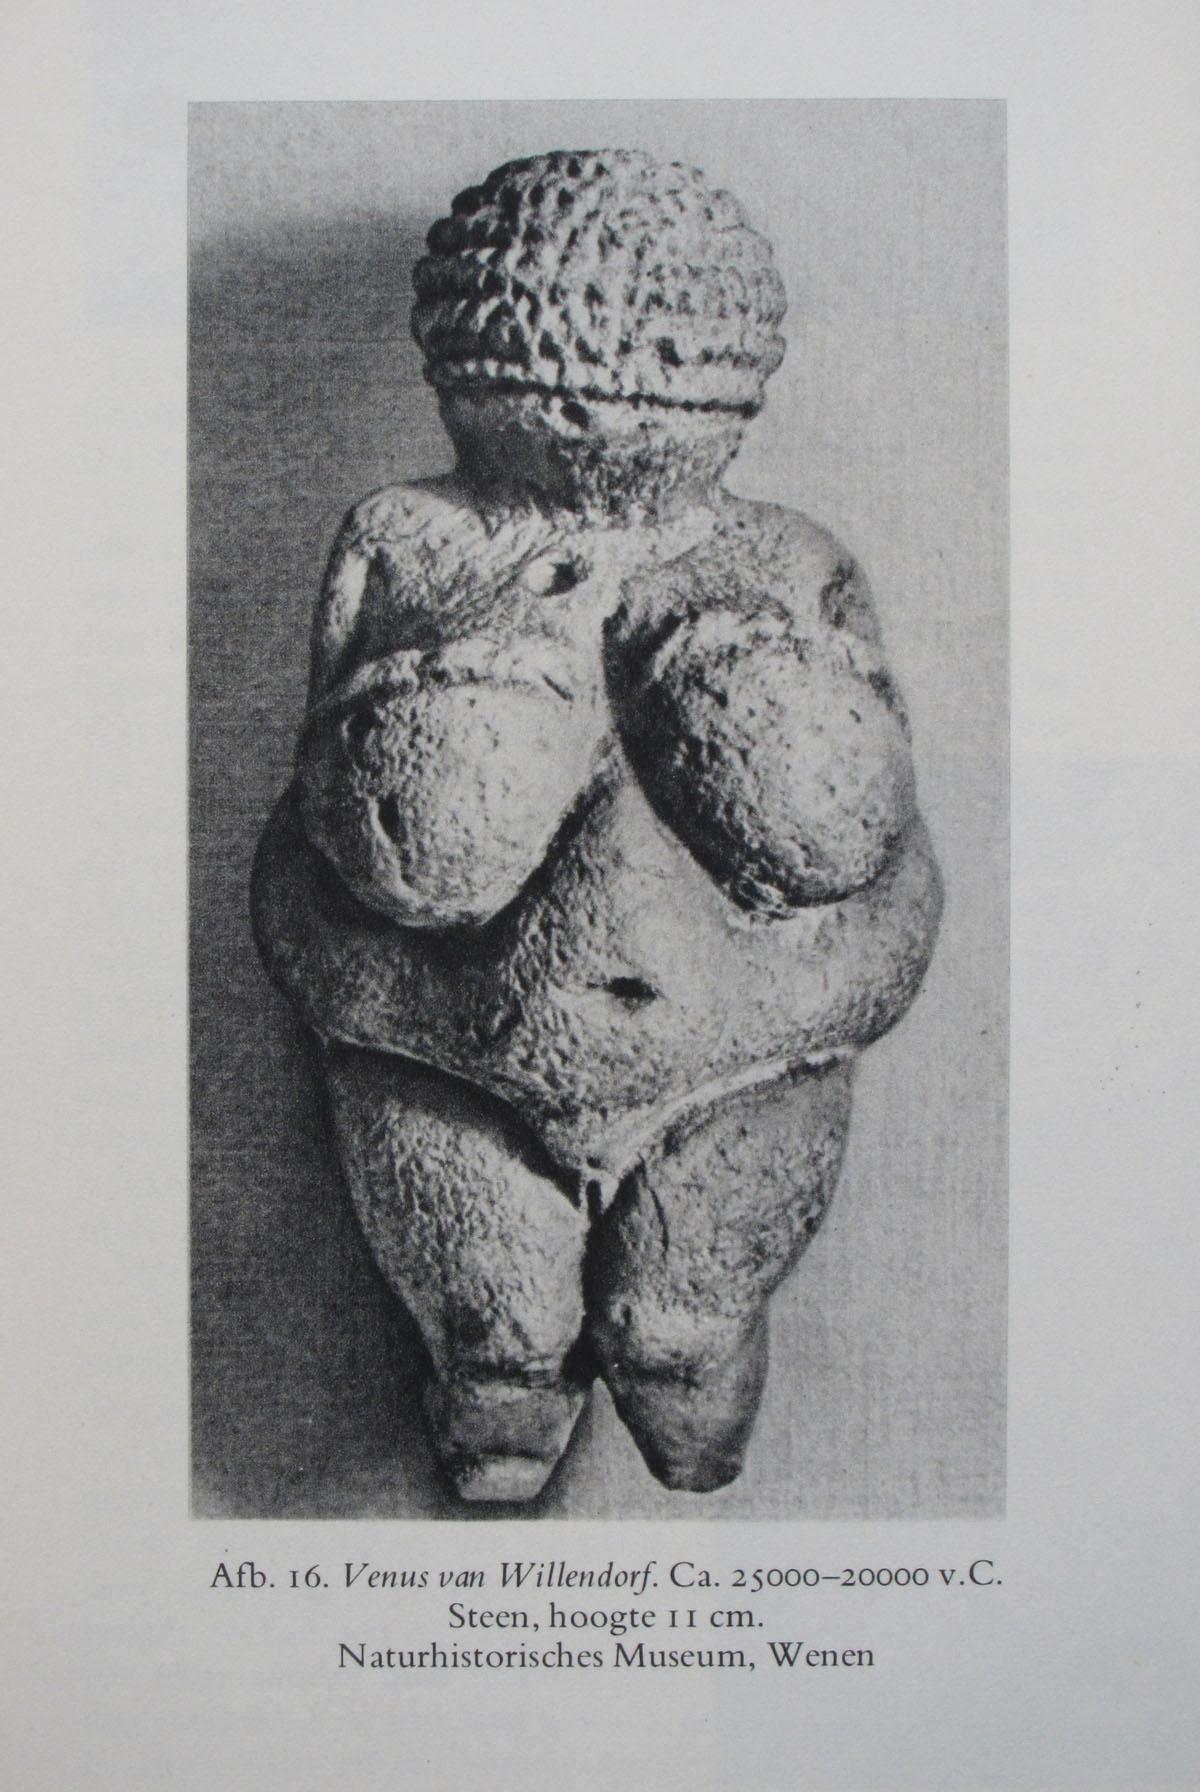 Venus van Willendorf1